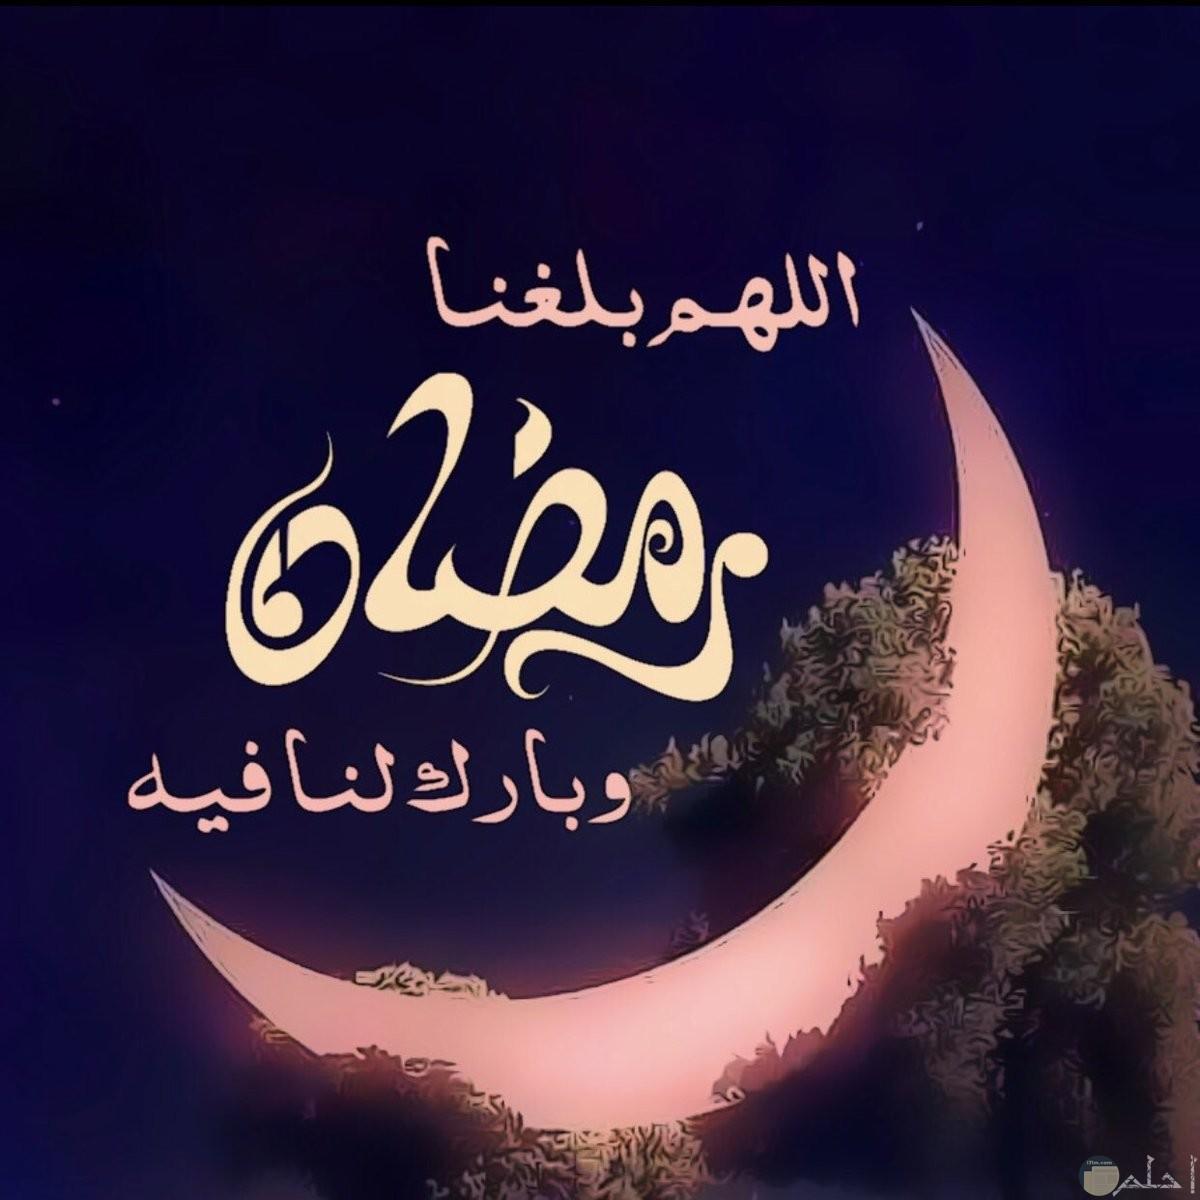 اجمل الادعية لشهر رمضان